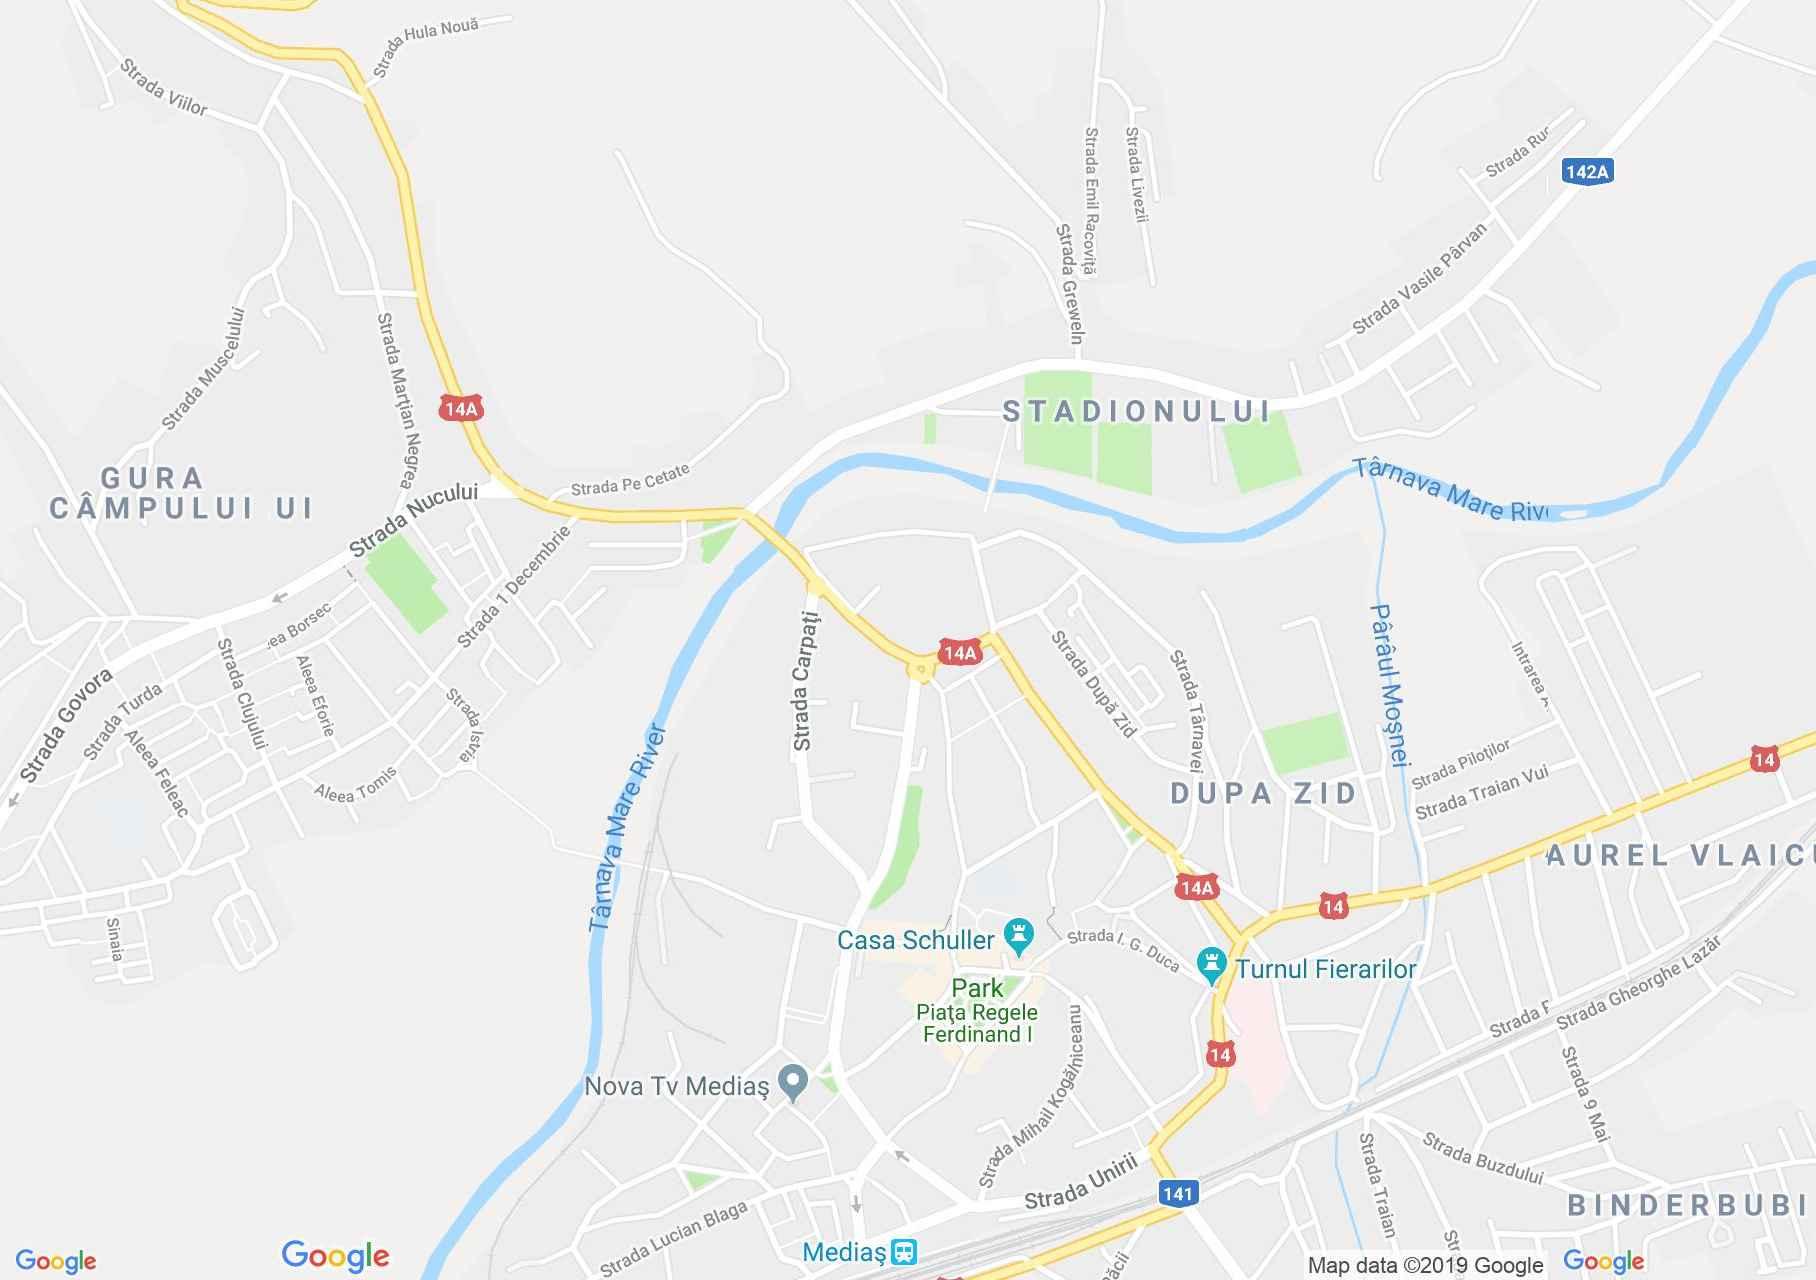 Map of Mediaş: House of Hann